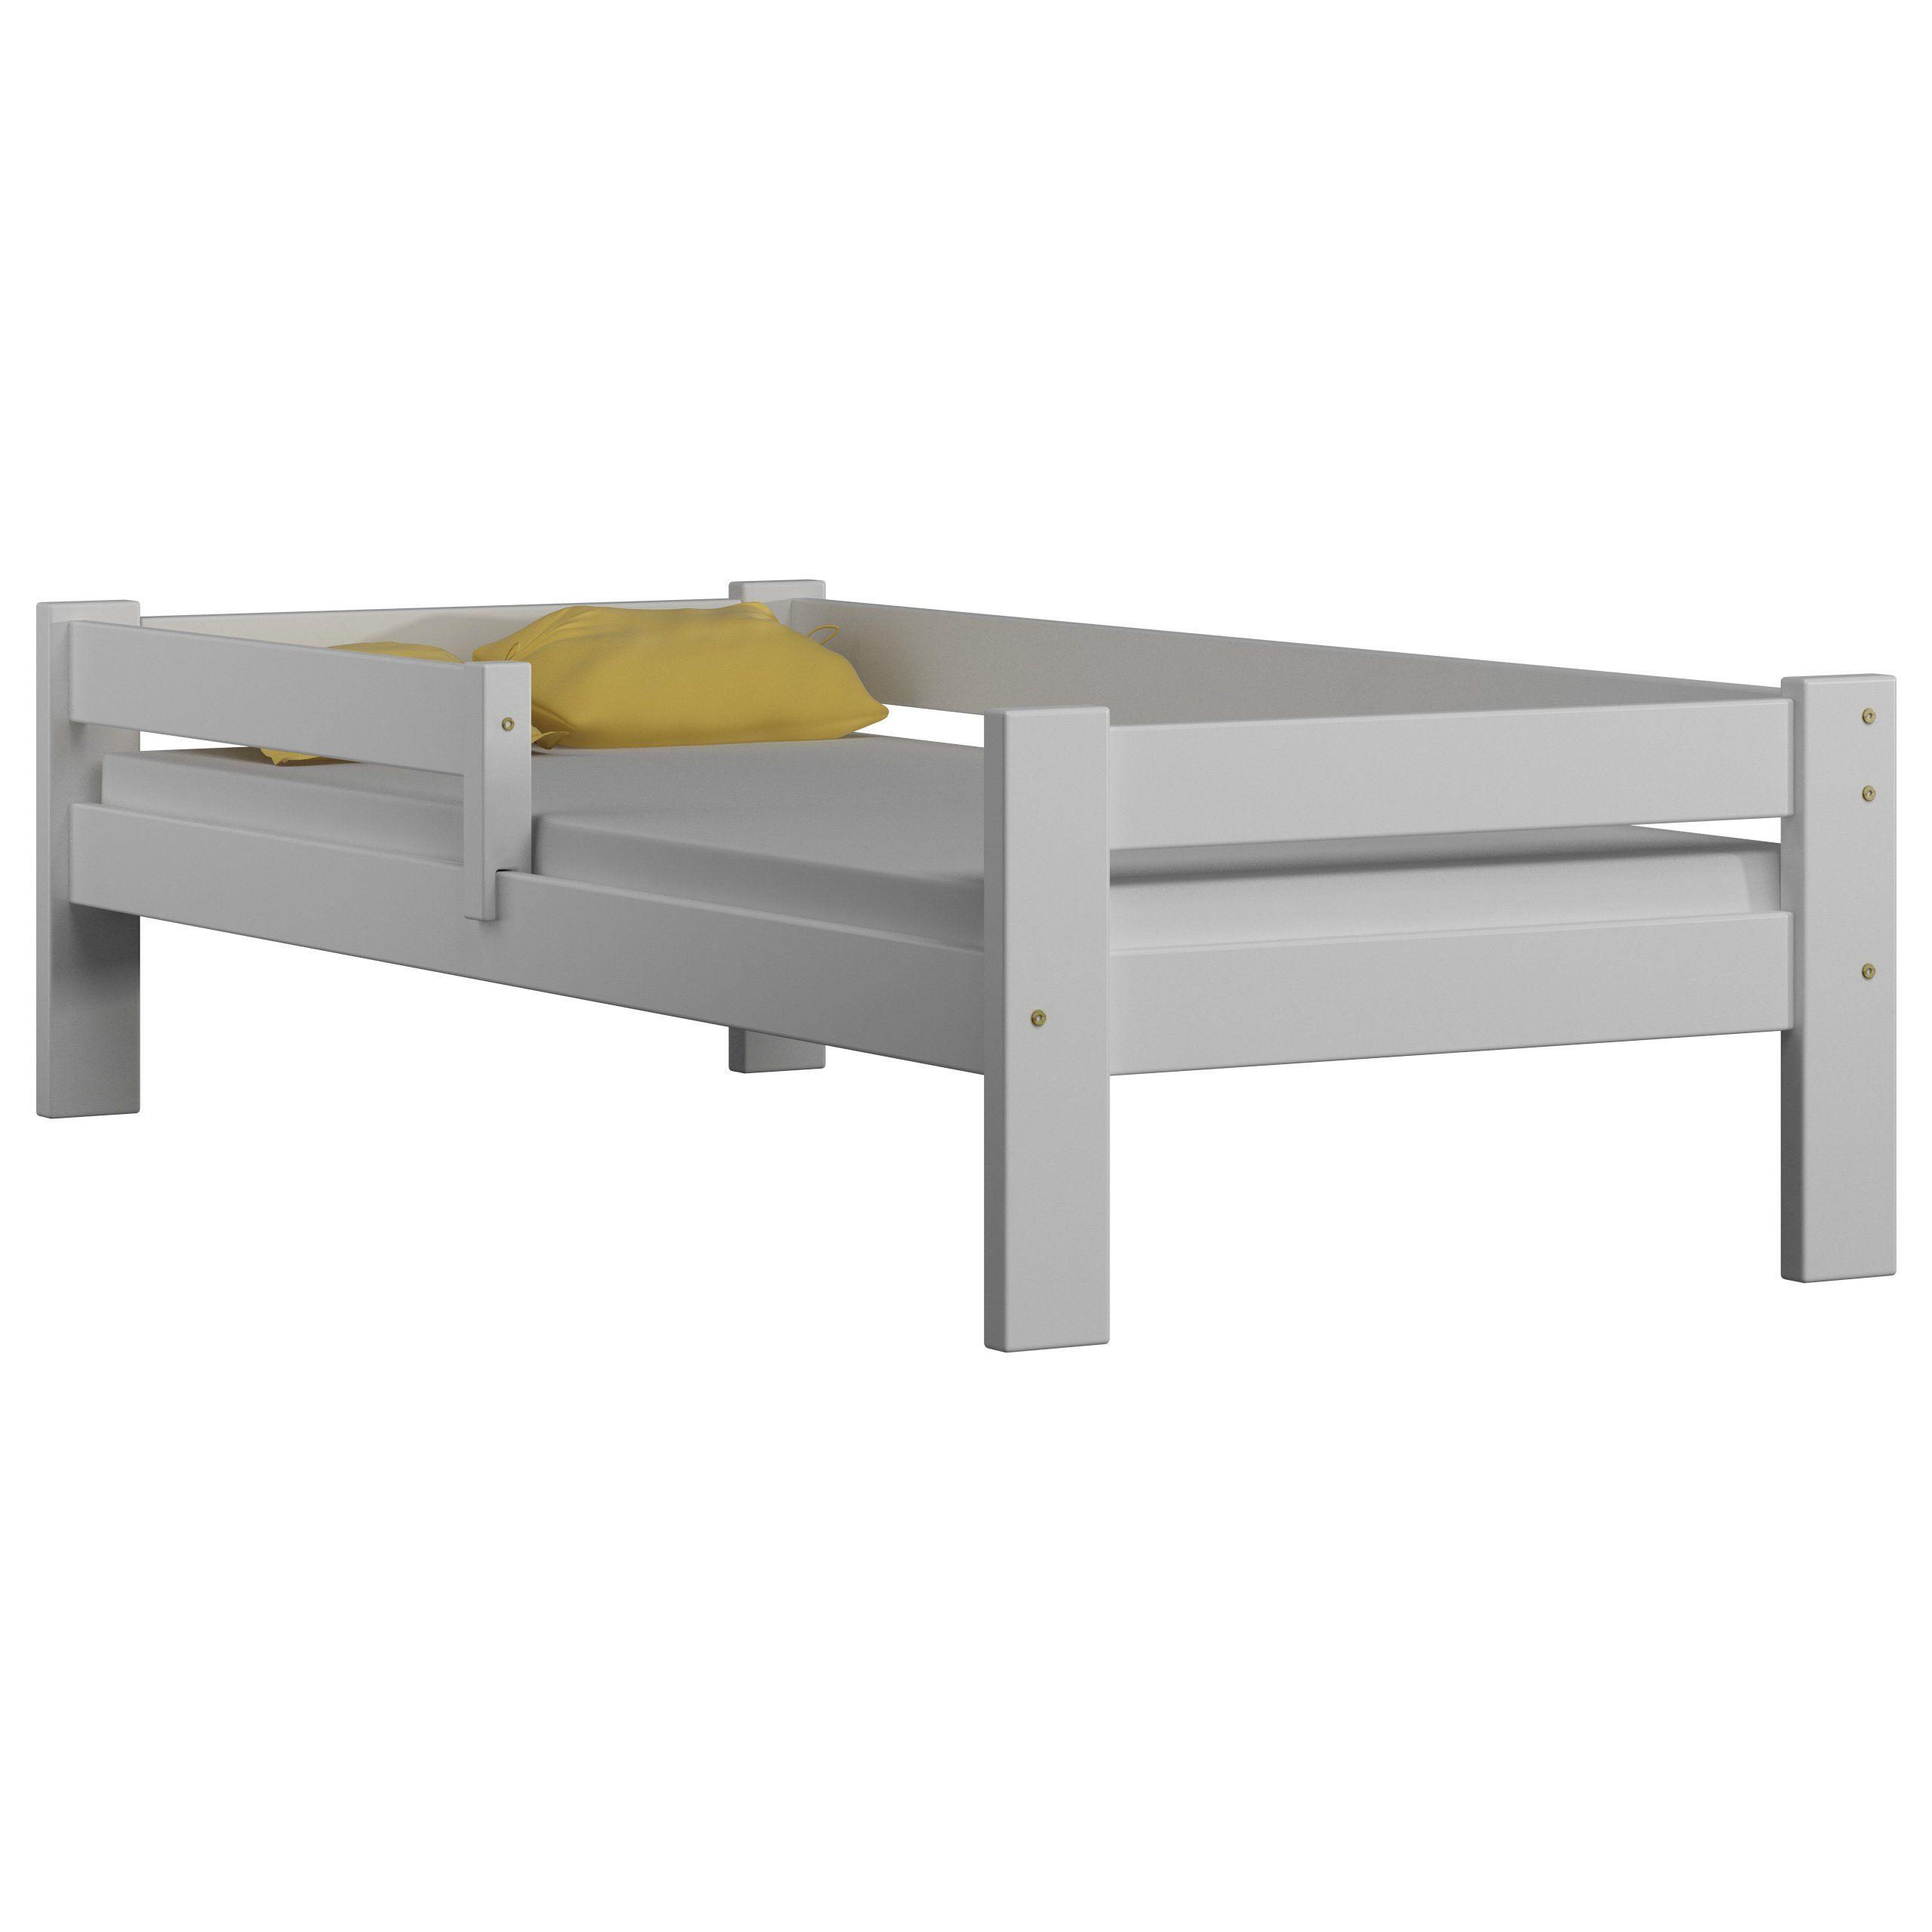 łóżka łóżko Dziecięce Pawełek 160x80 Drewniane łóżka łóżka